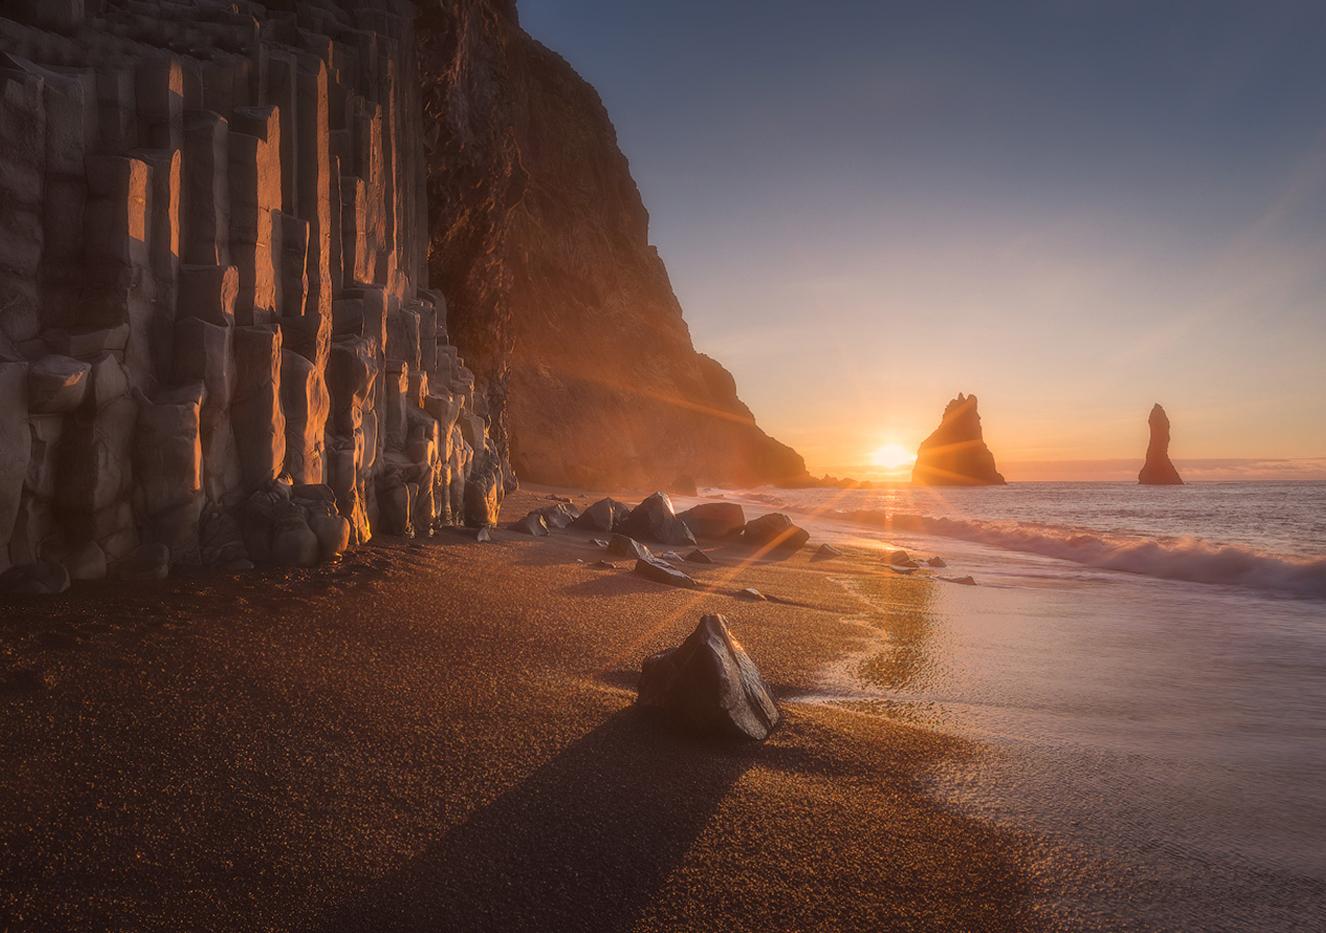 Закат на черном пляже Рейнисфьяра в Исландии